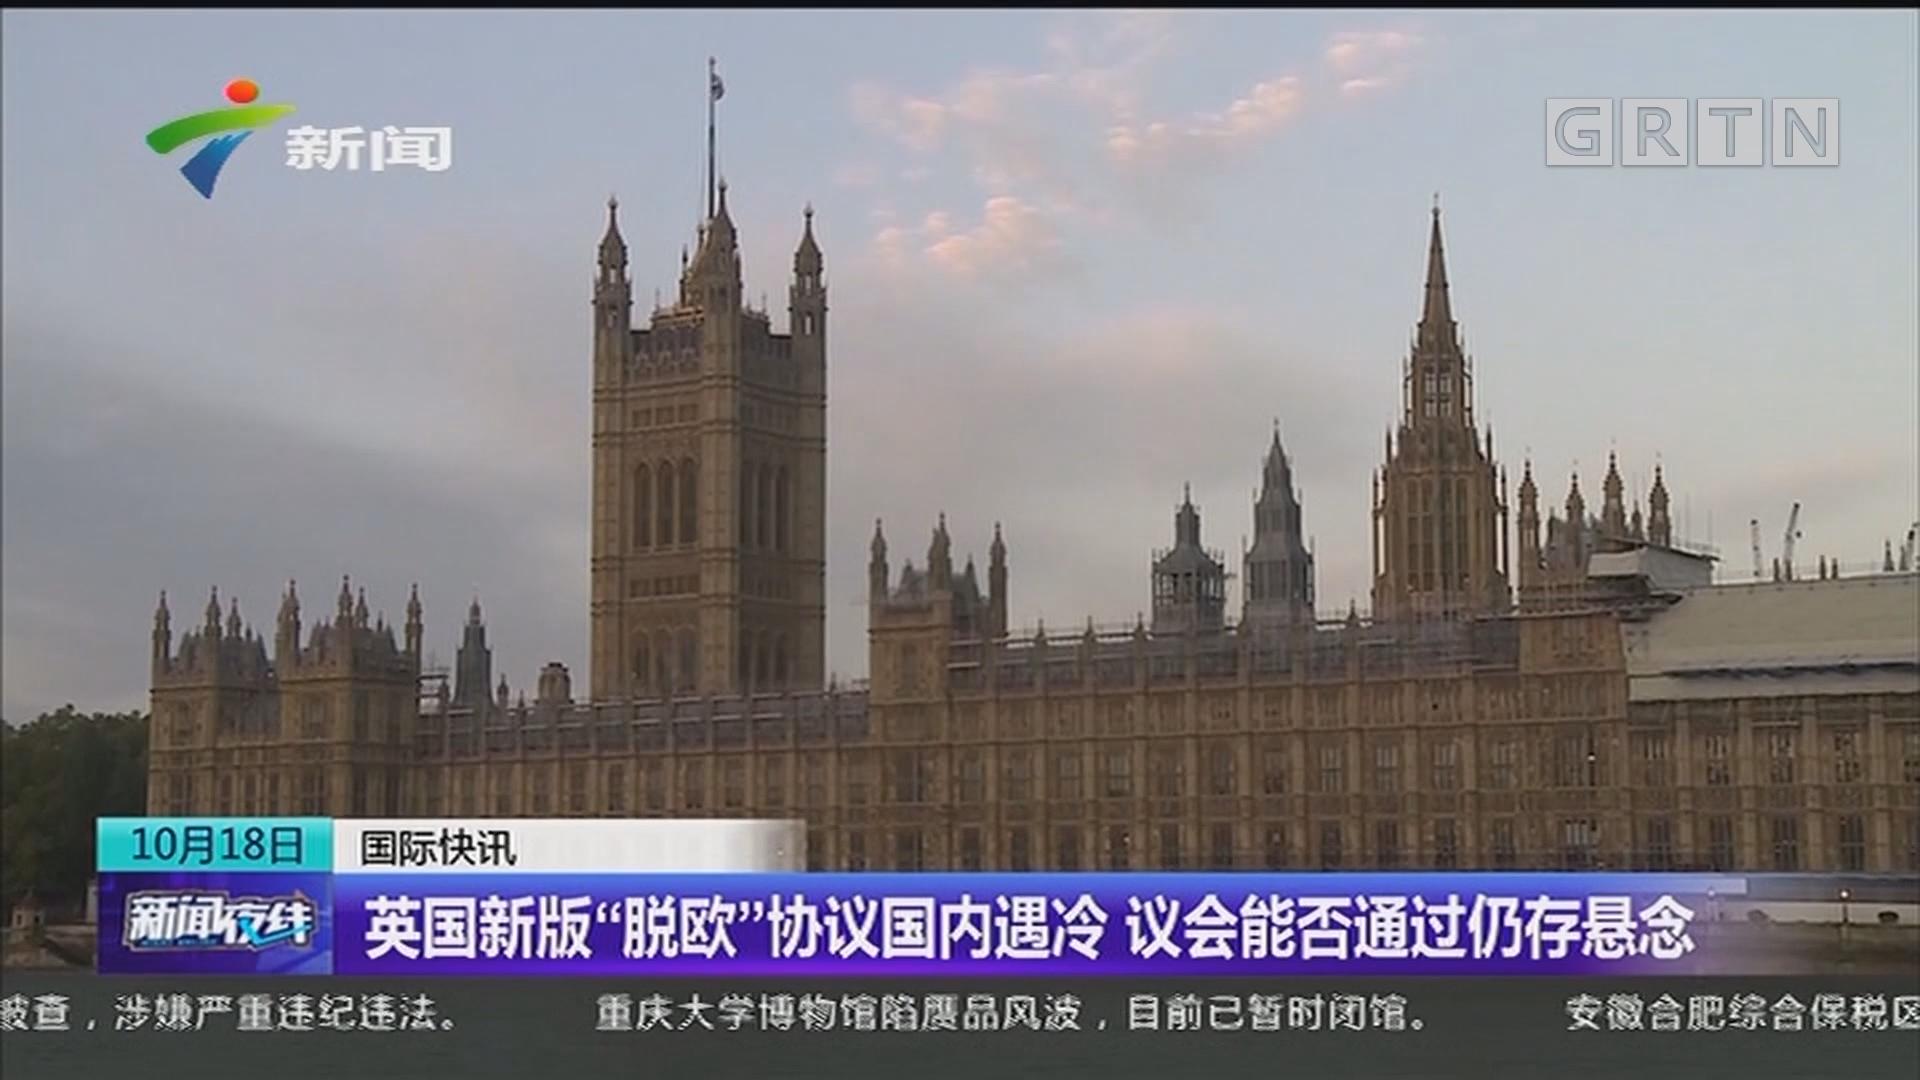 """英国新版""""脱欧""""协议国内遇冷 议会能否通过仍存悬念"""